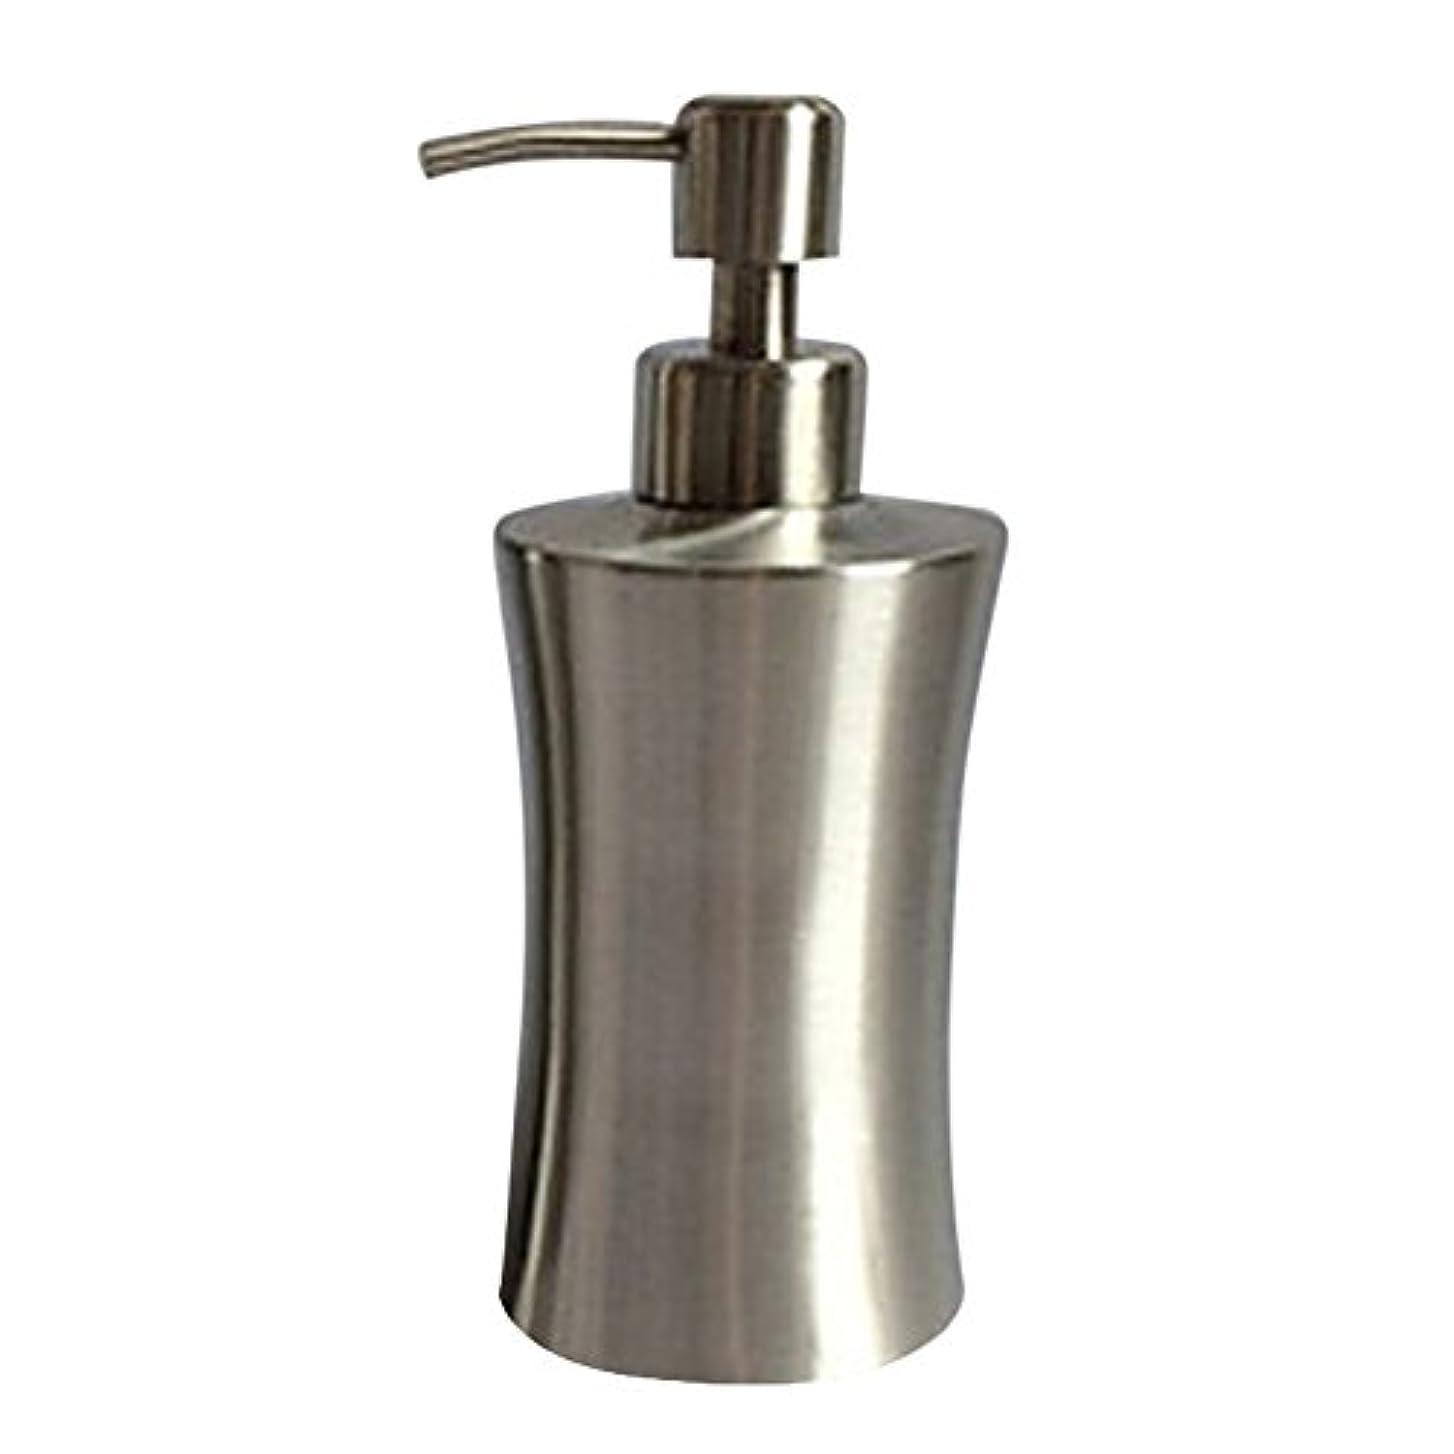 事故杭シルエットディスペンサー ステンレス ボトル 容器 ソープ 石鹸 シャンプー 手洗いボトル 耐久性 錆びない 220ml/250ml/400ml (C:400ml)